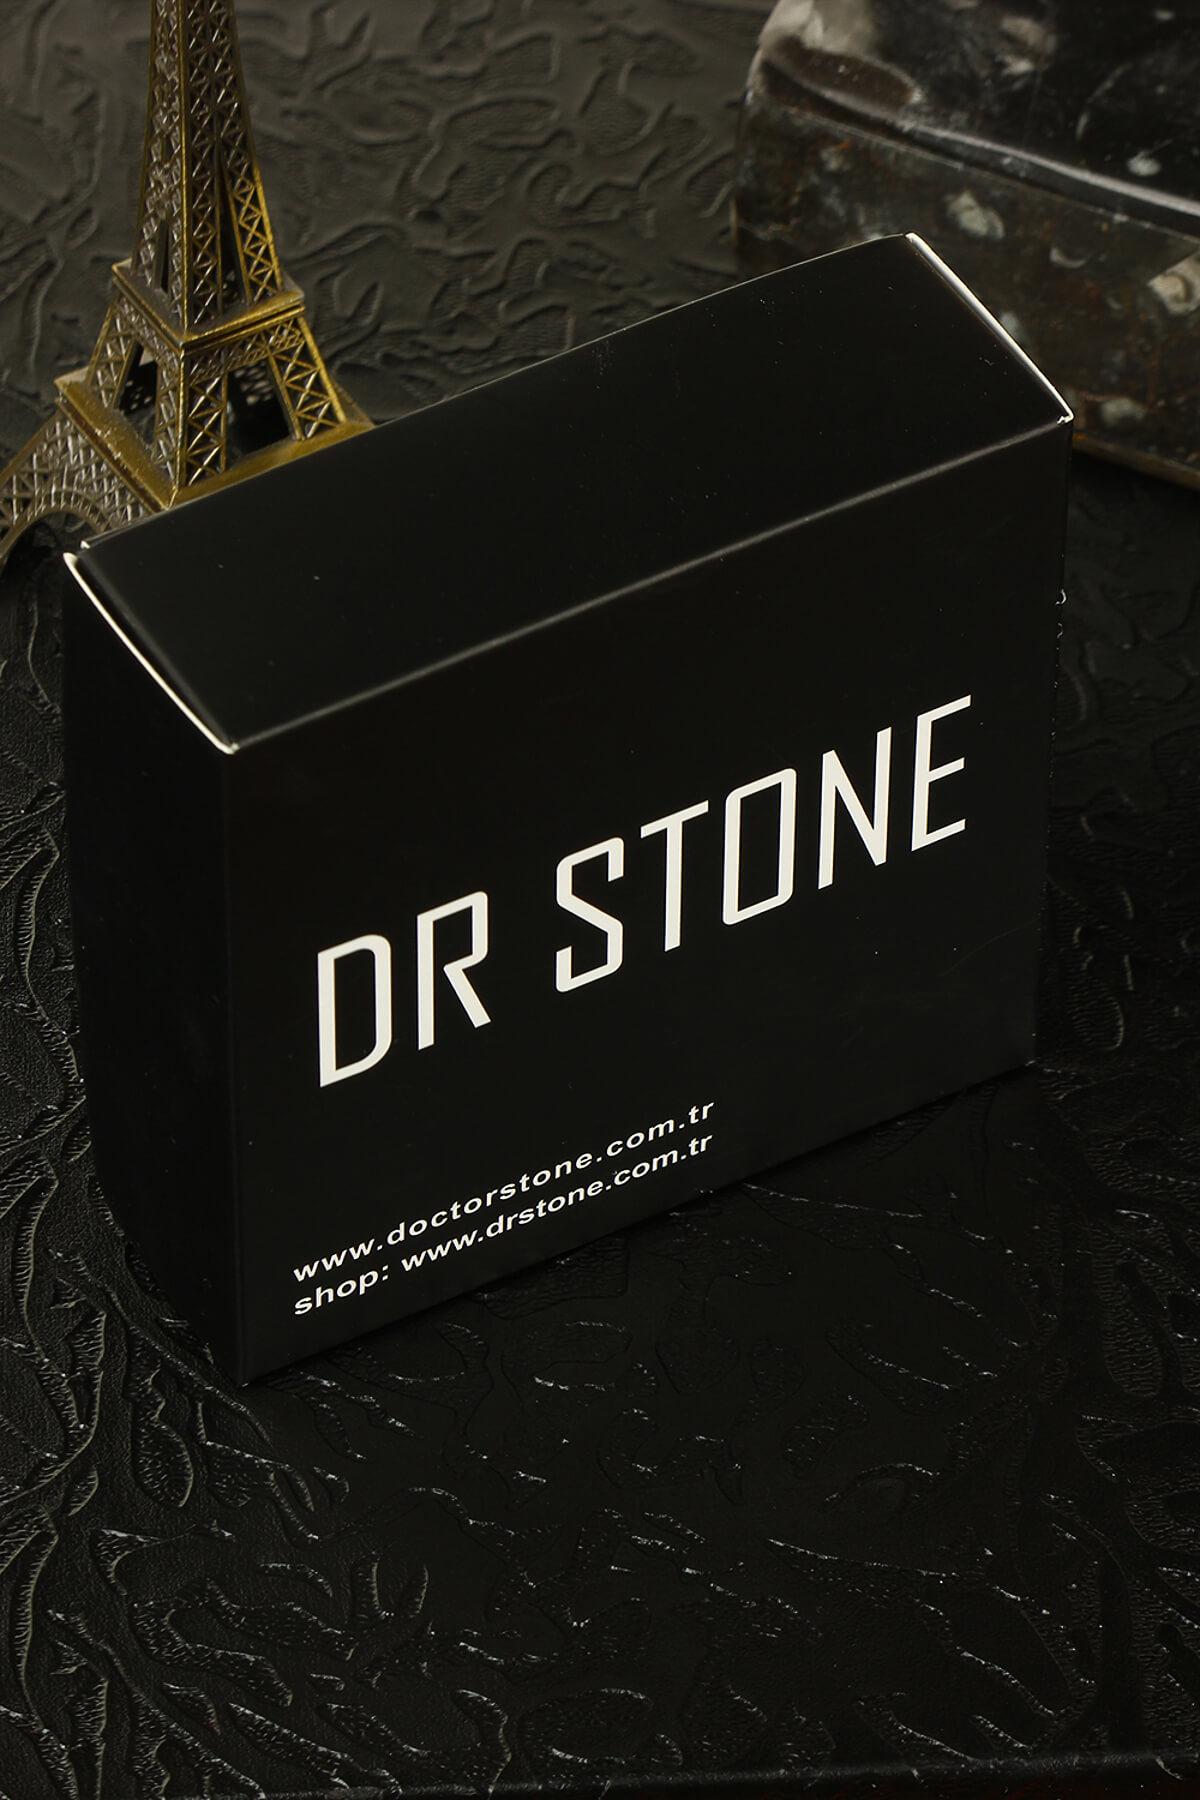 Dr. Stone Kadın Doğaltaş Kuvars Yüzük Pirinç Üzeri Mikron Gümüş Kaplama 121Ar58 2